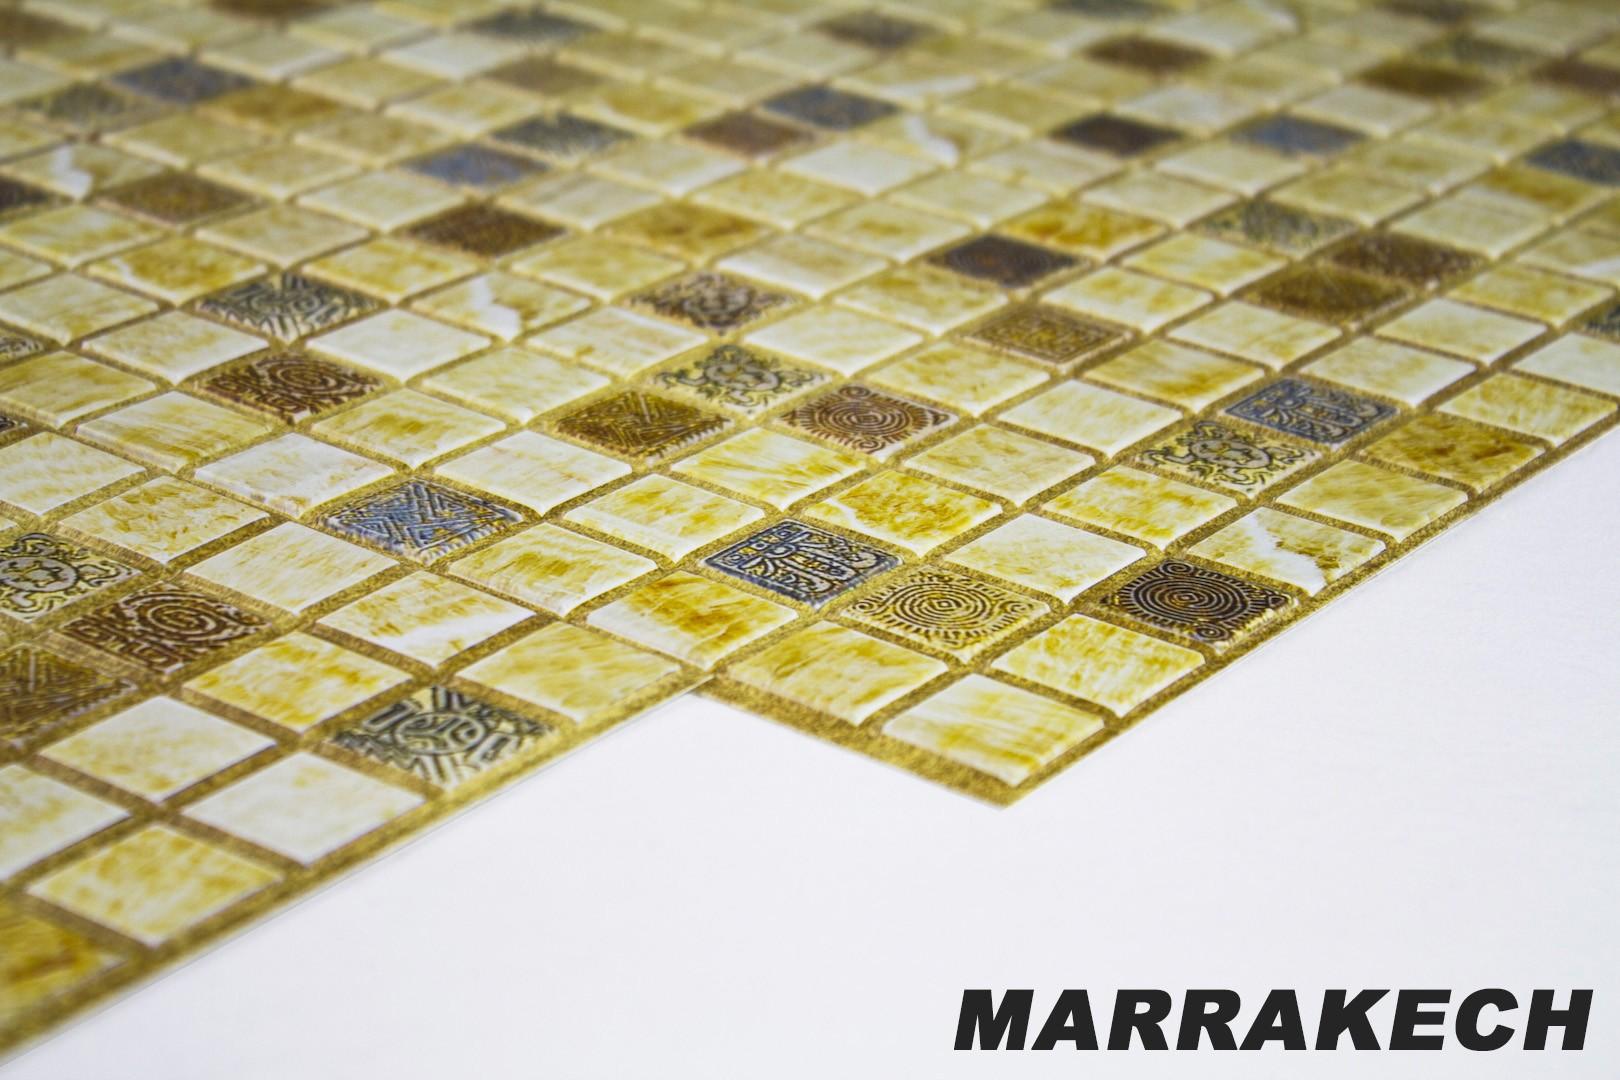 Marrakech originalbild 1